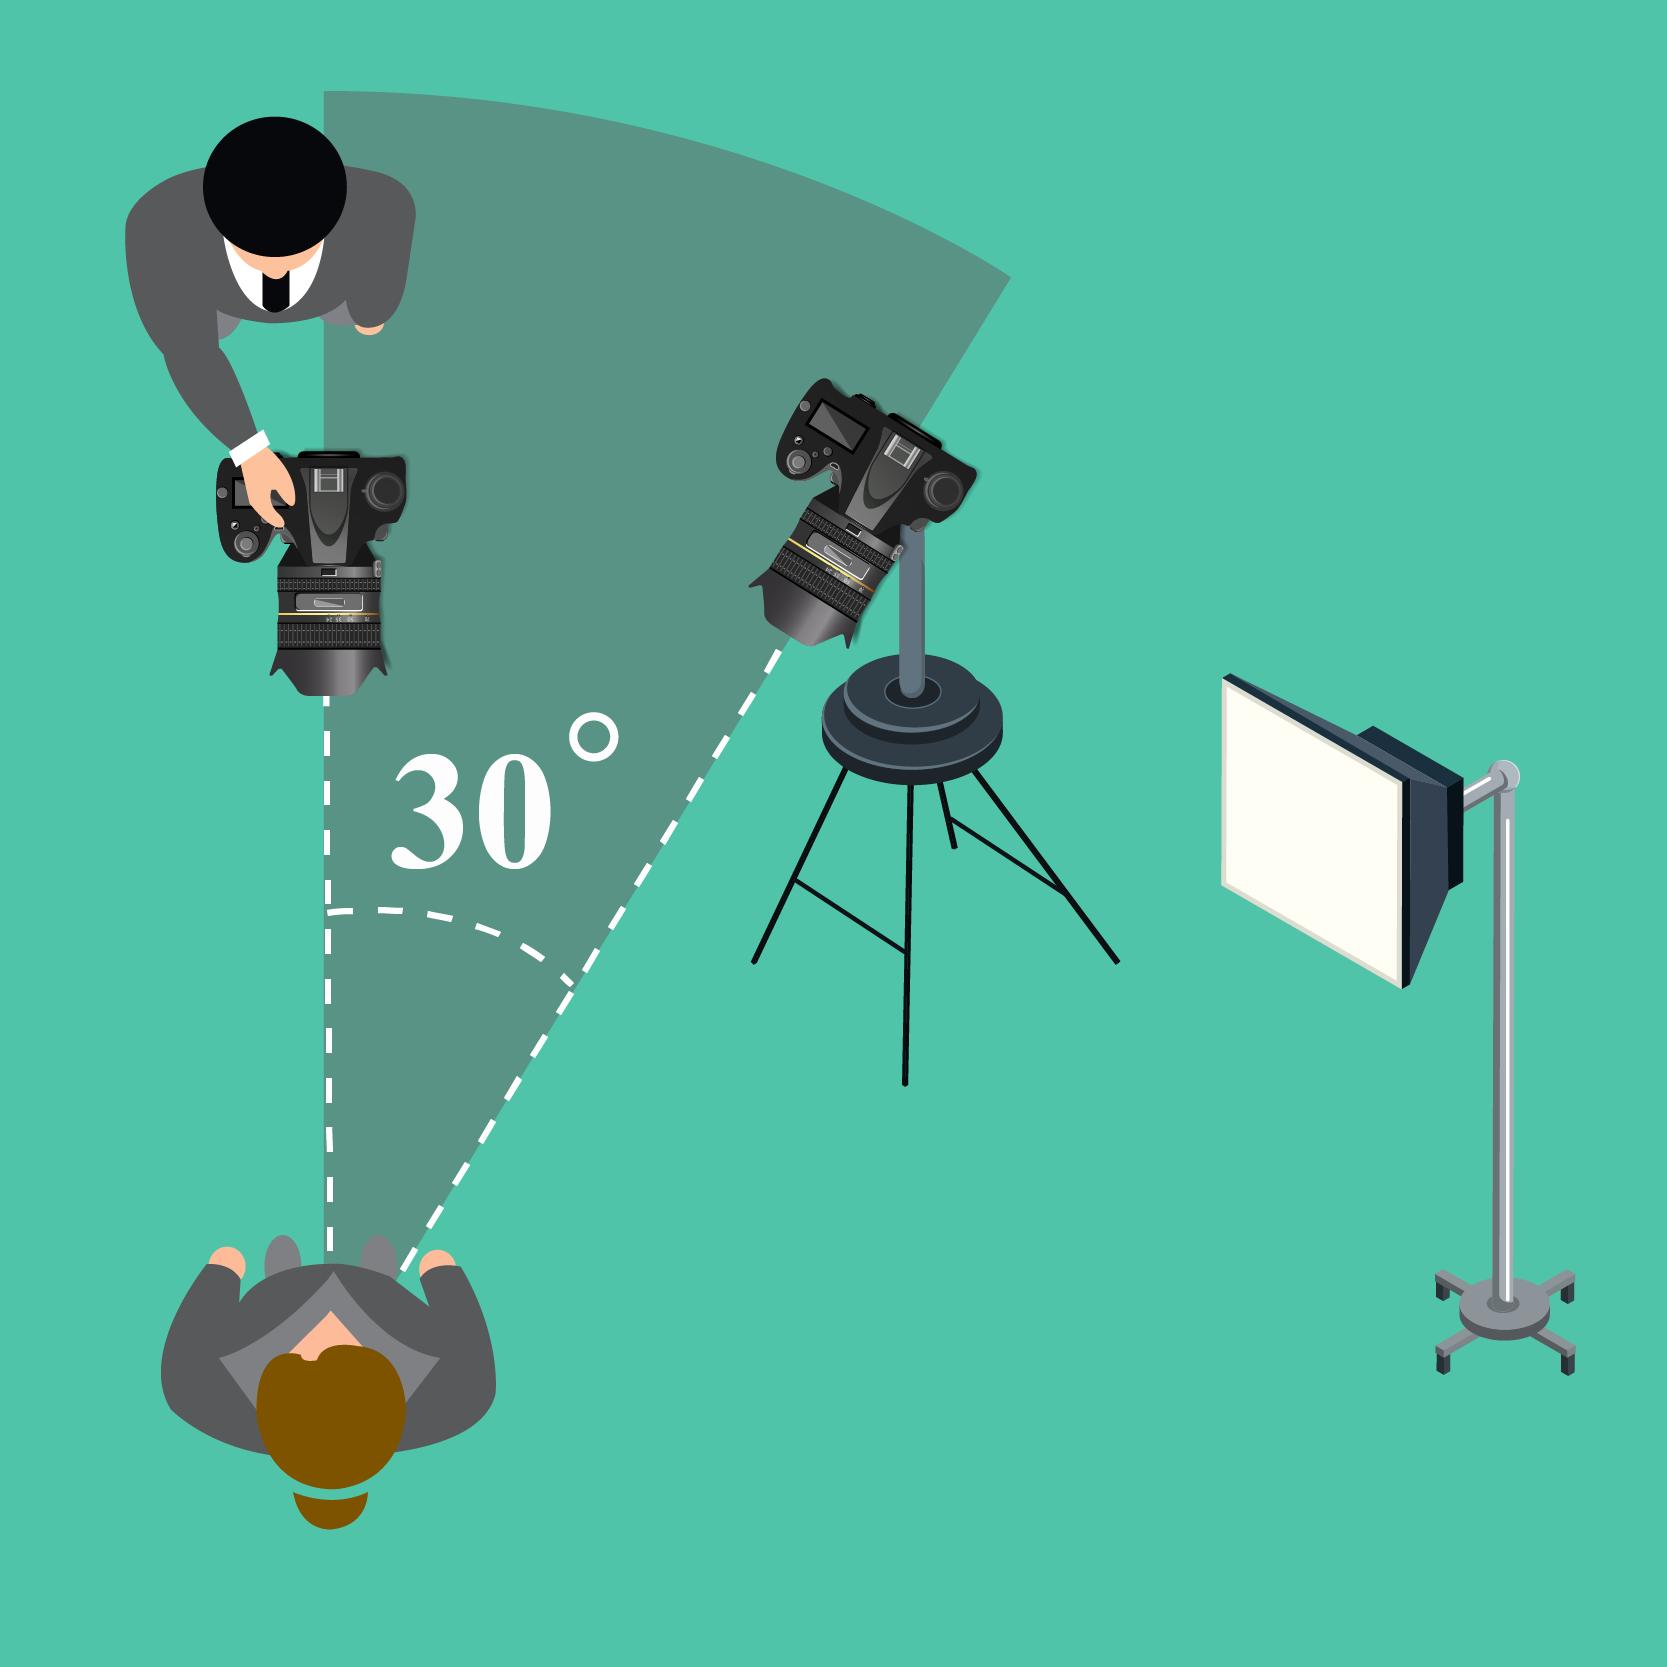 30 degree cinema rule